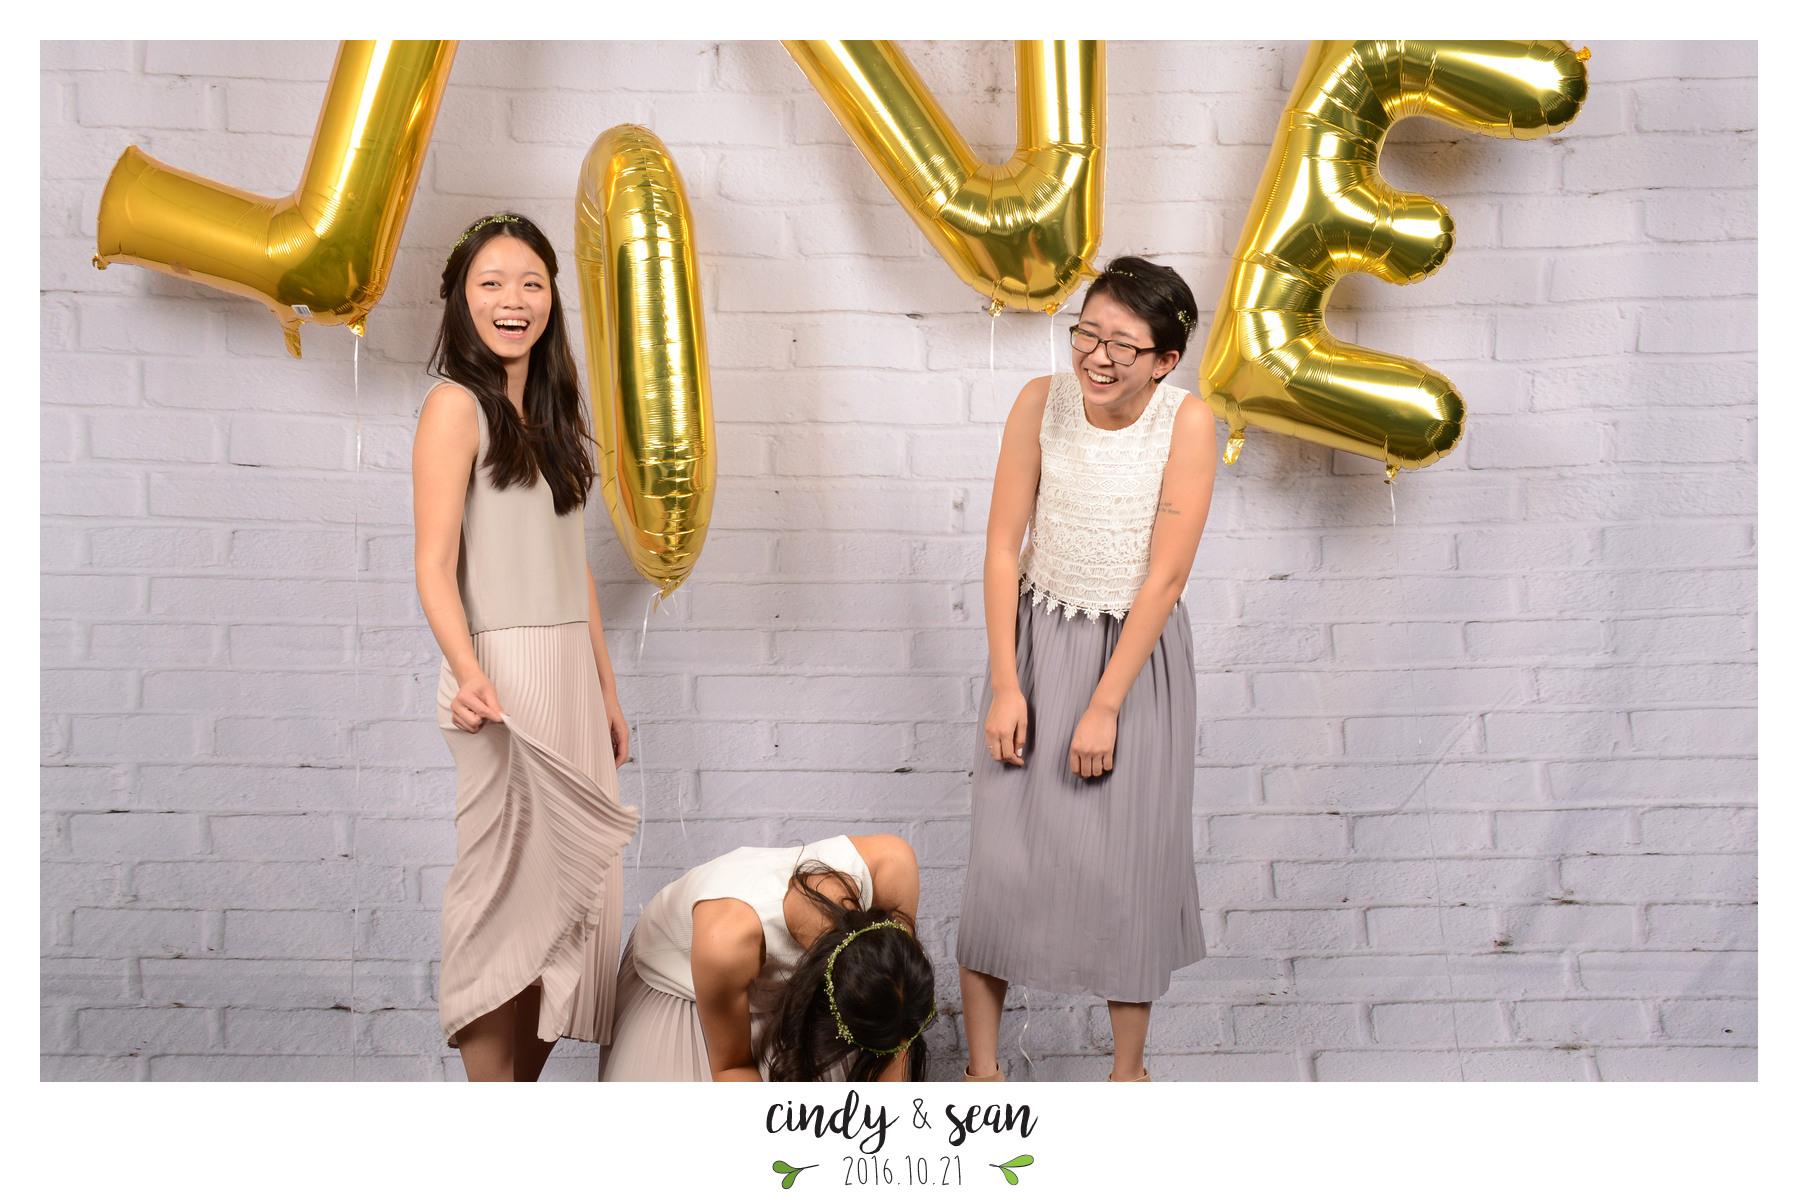 Cindy Sean Bae - 0001-236.jpg